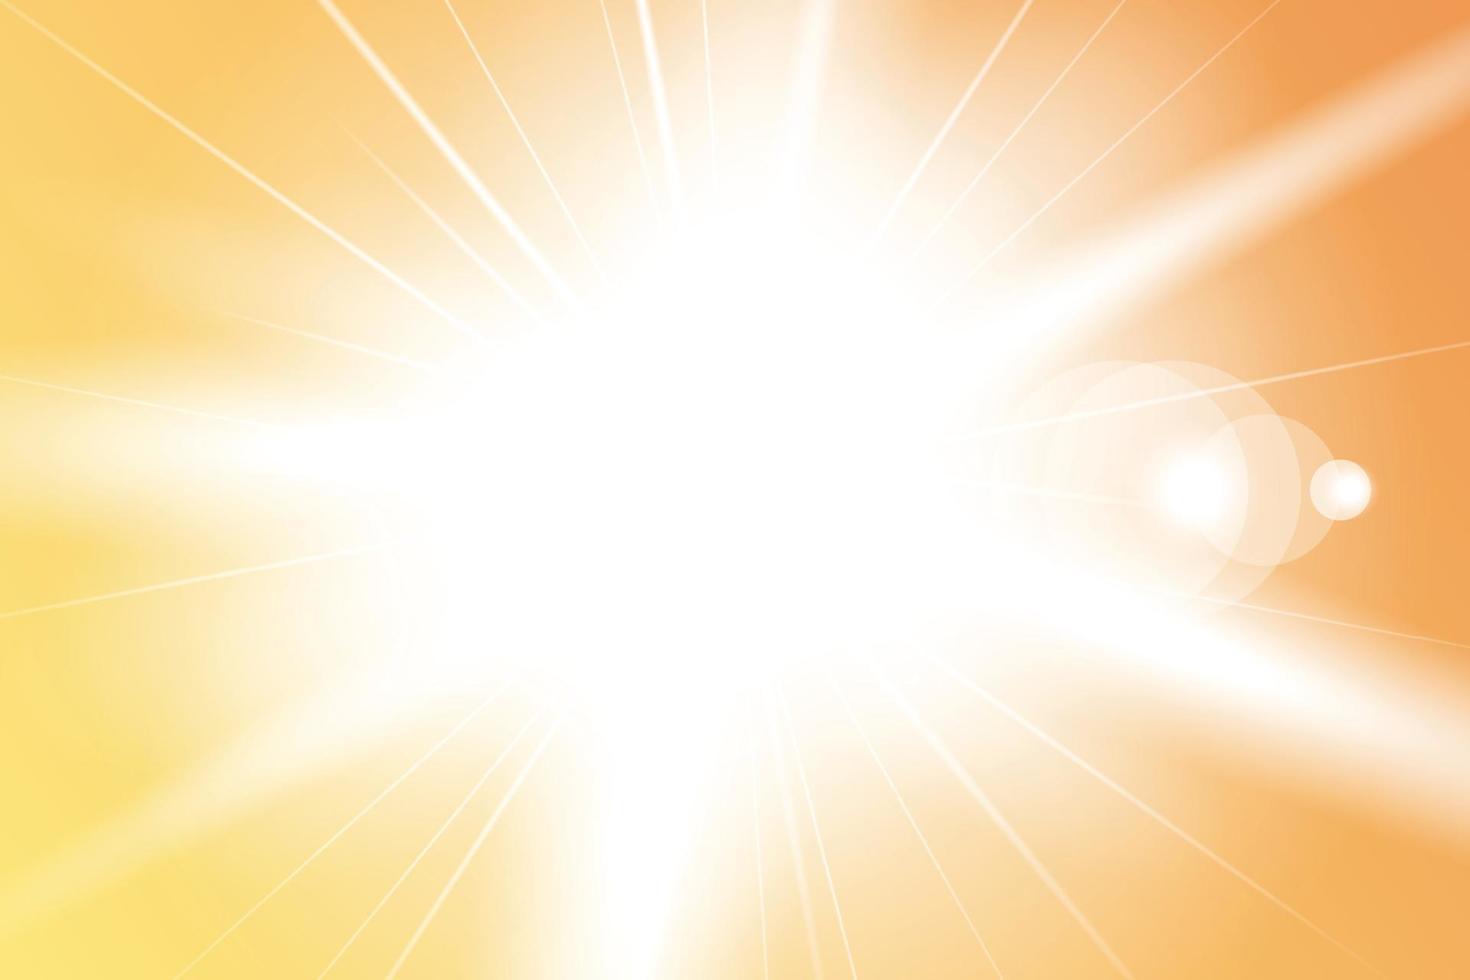 illustration av solstrålar bakgrund vektor